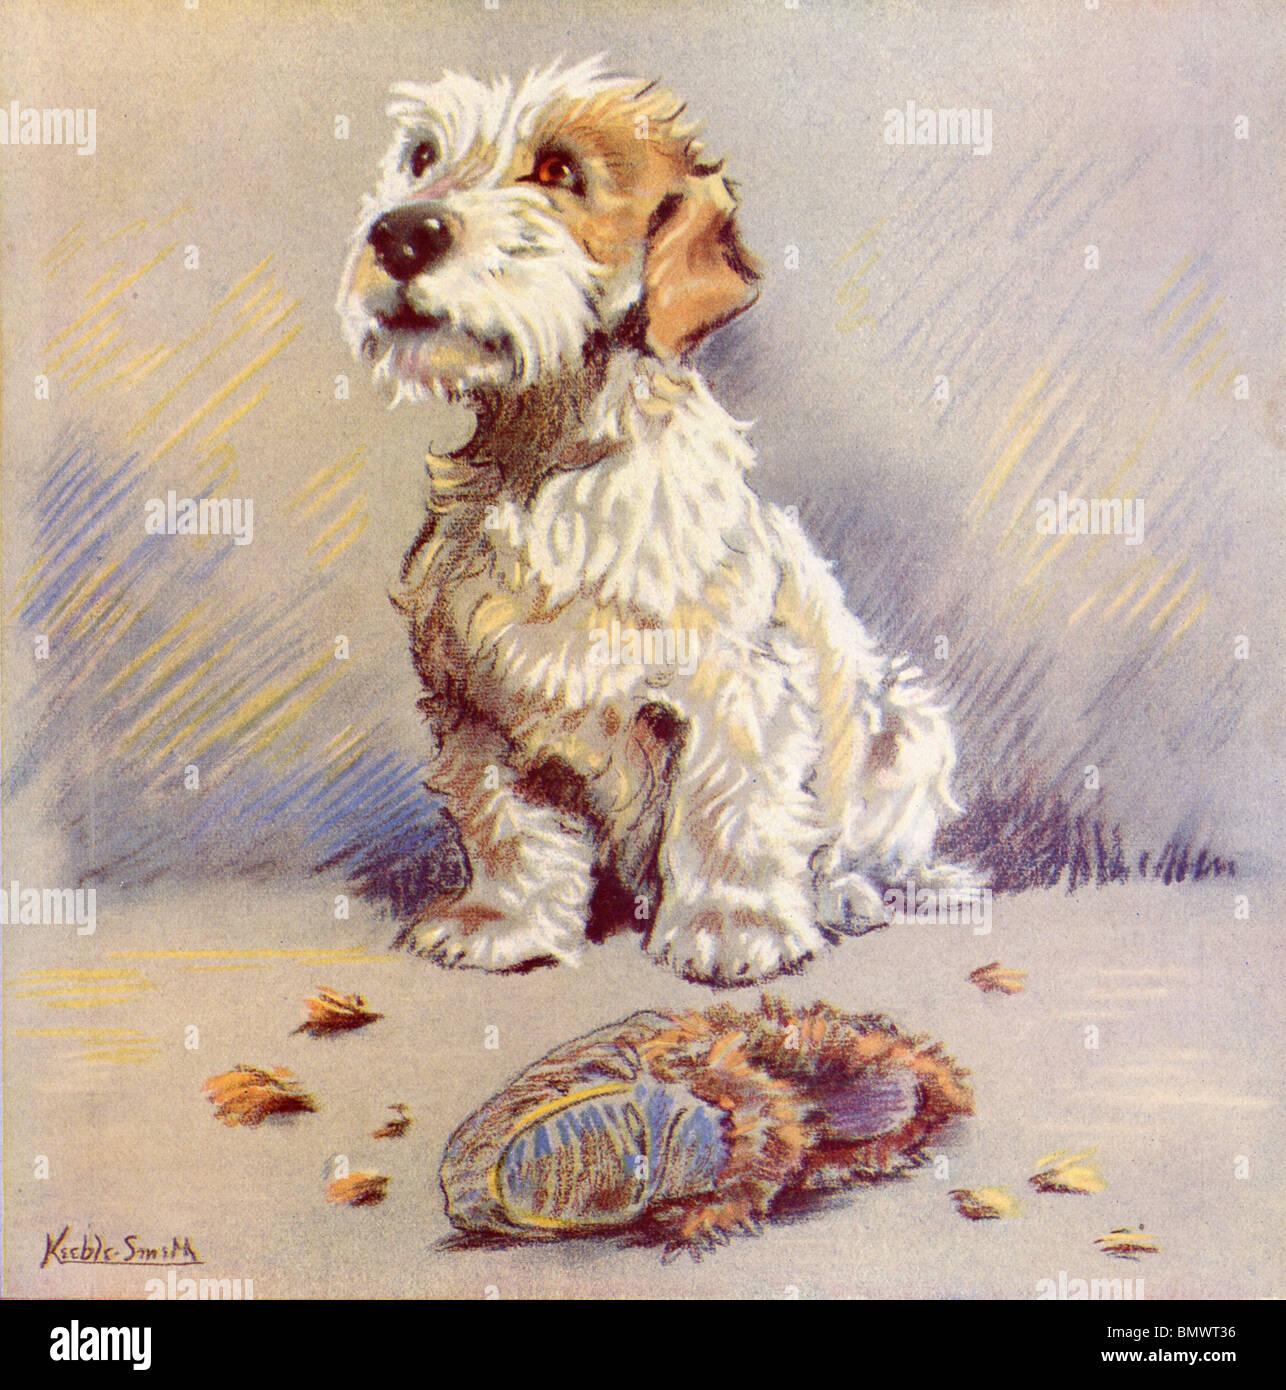 Le petit chien blanc avec de grands yeux marron Photo Stock